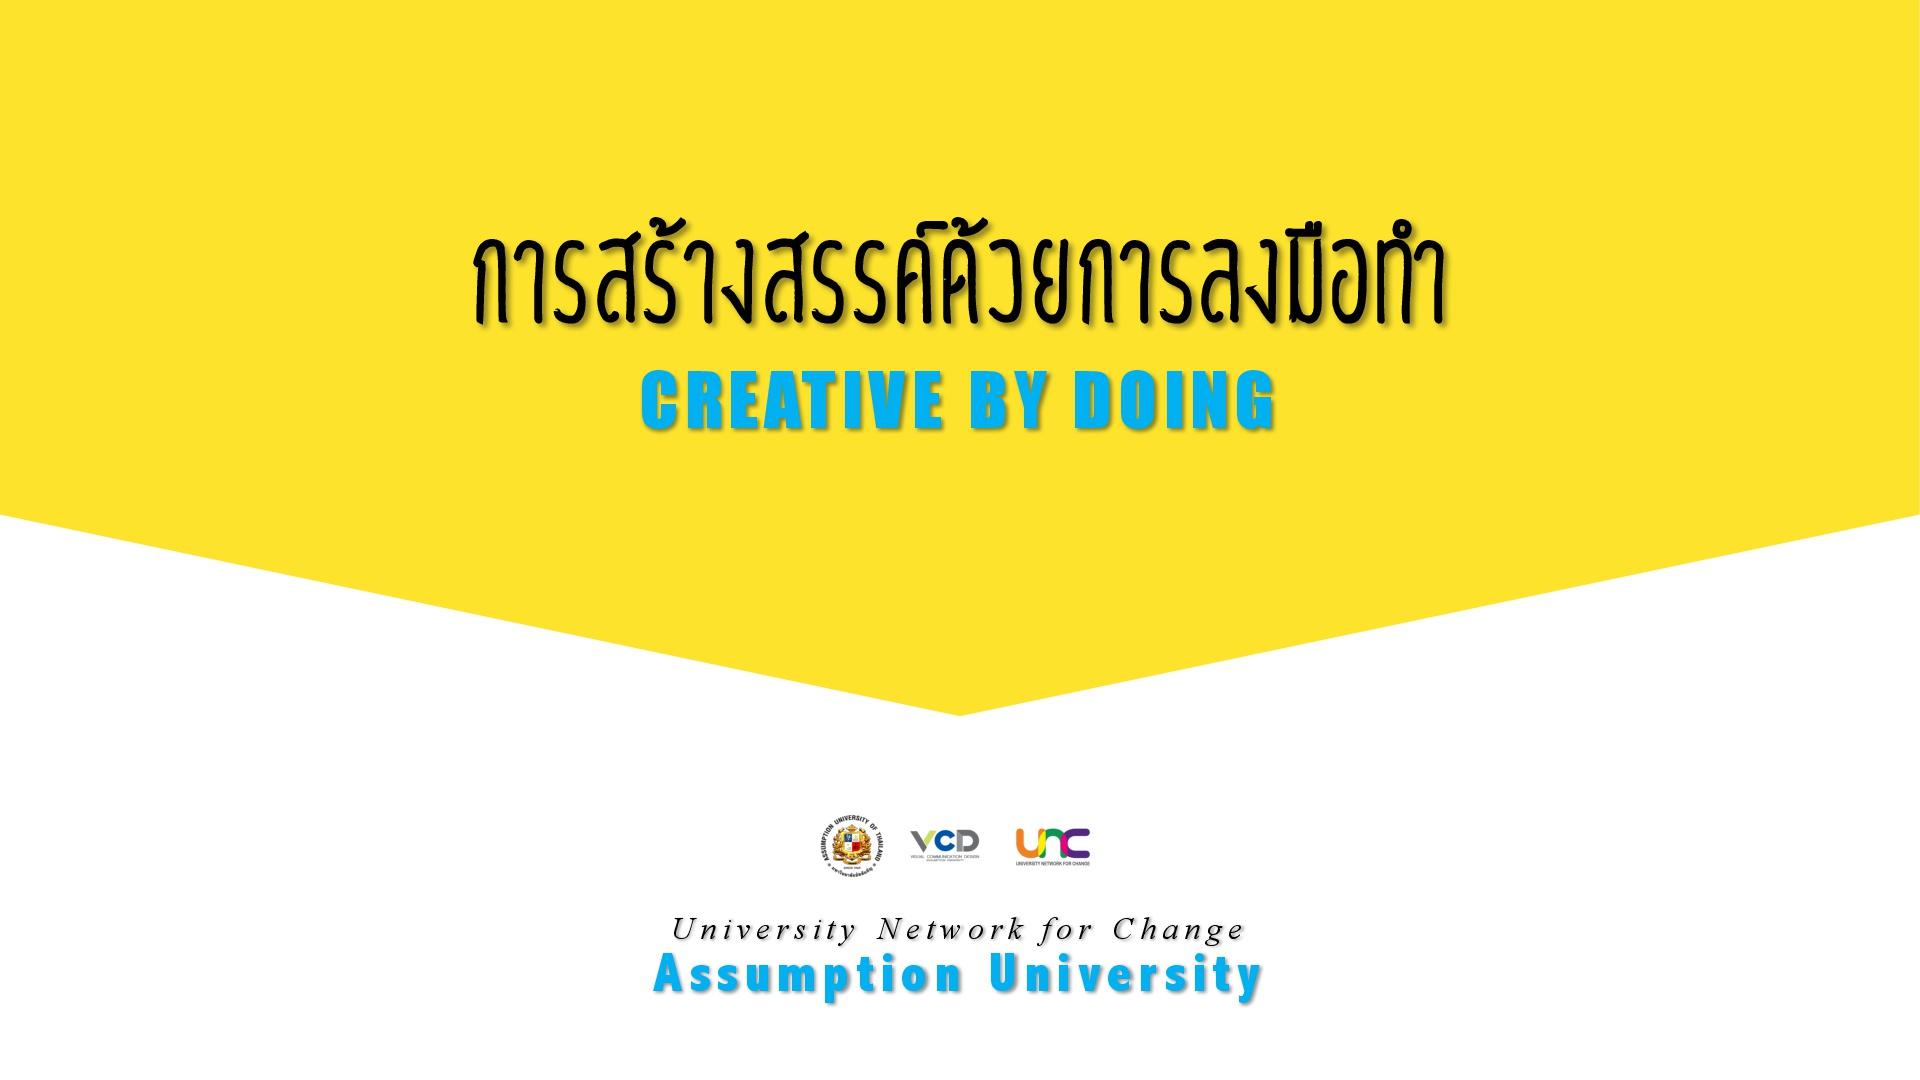 สร้างสรรค์เฟร่อ โดย คณะนิเทศศาสตร์ สาขาวิชาออกแบบนิเทศศิลป์ มหาวิทยาลัยอัสสัมชัญ